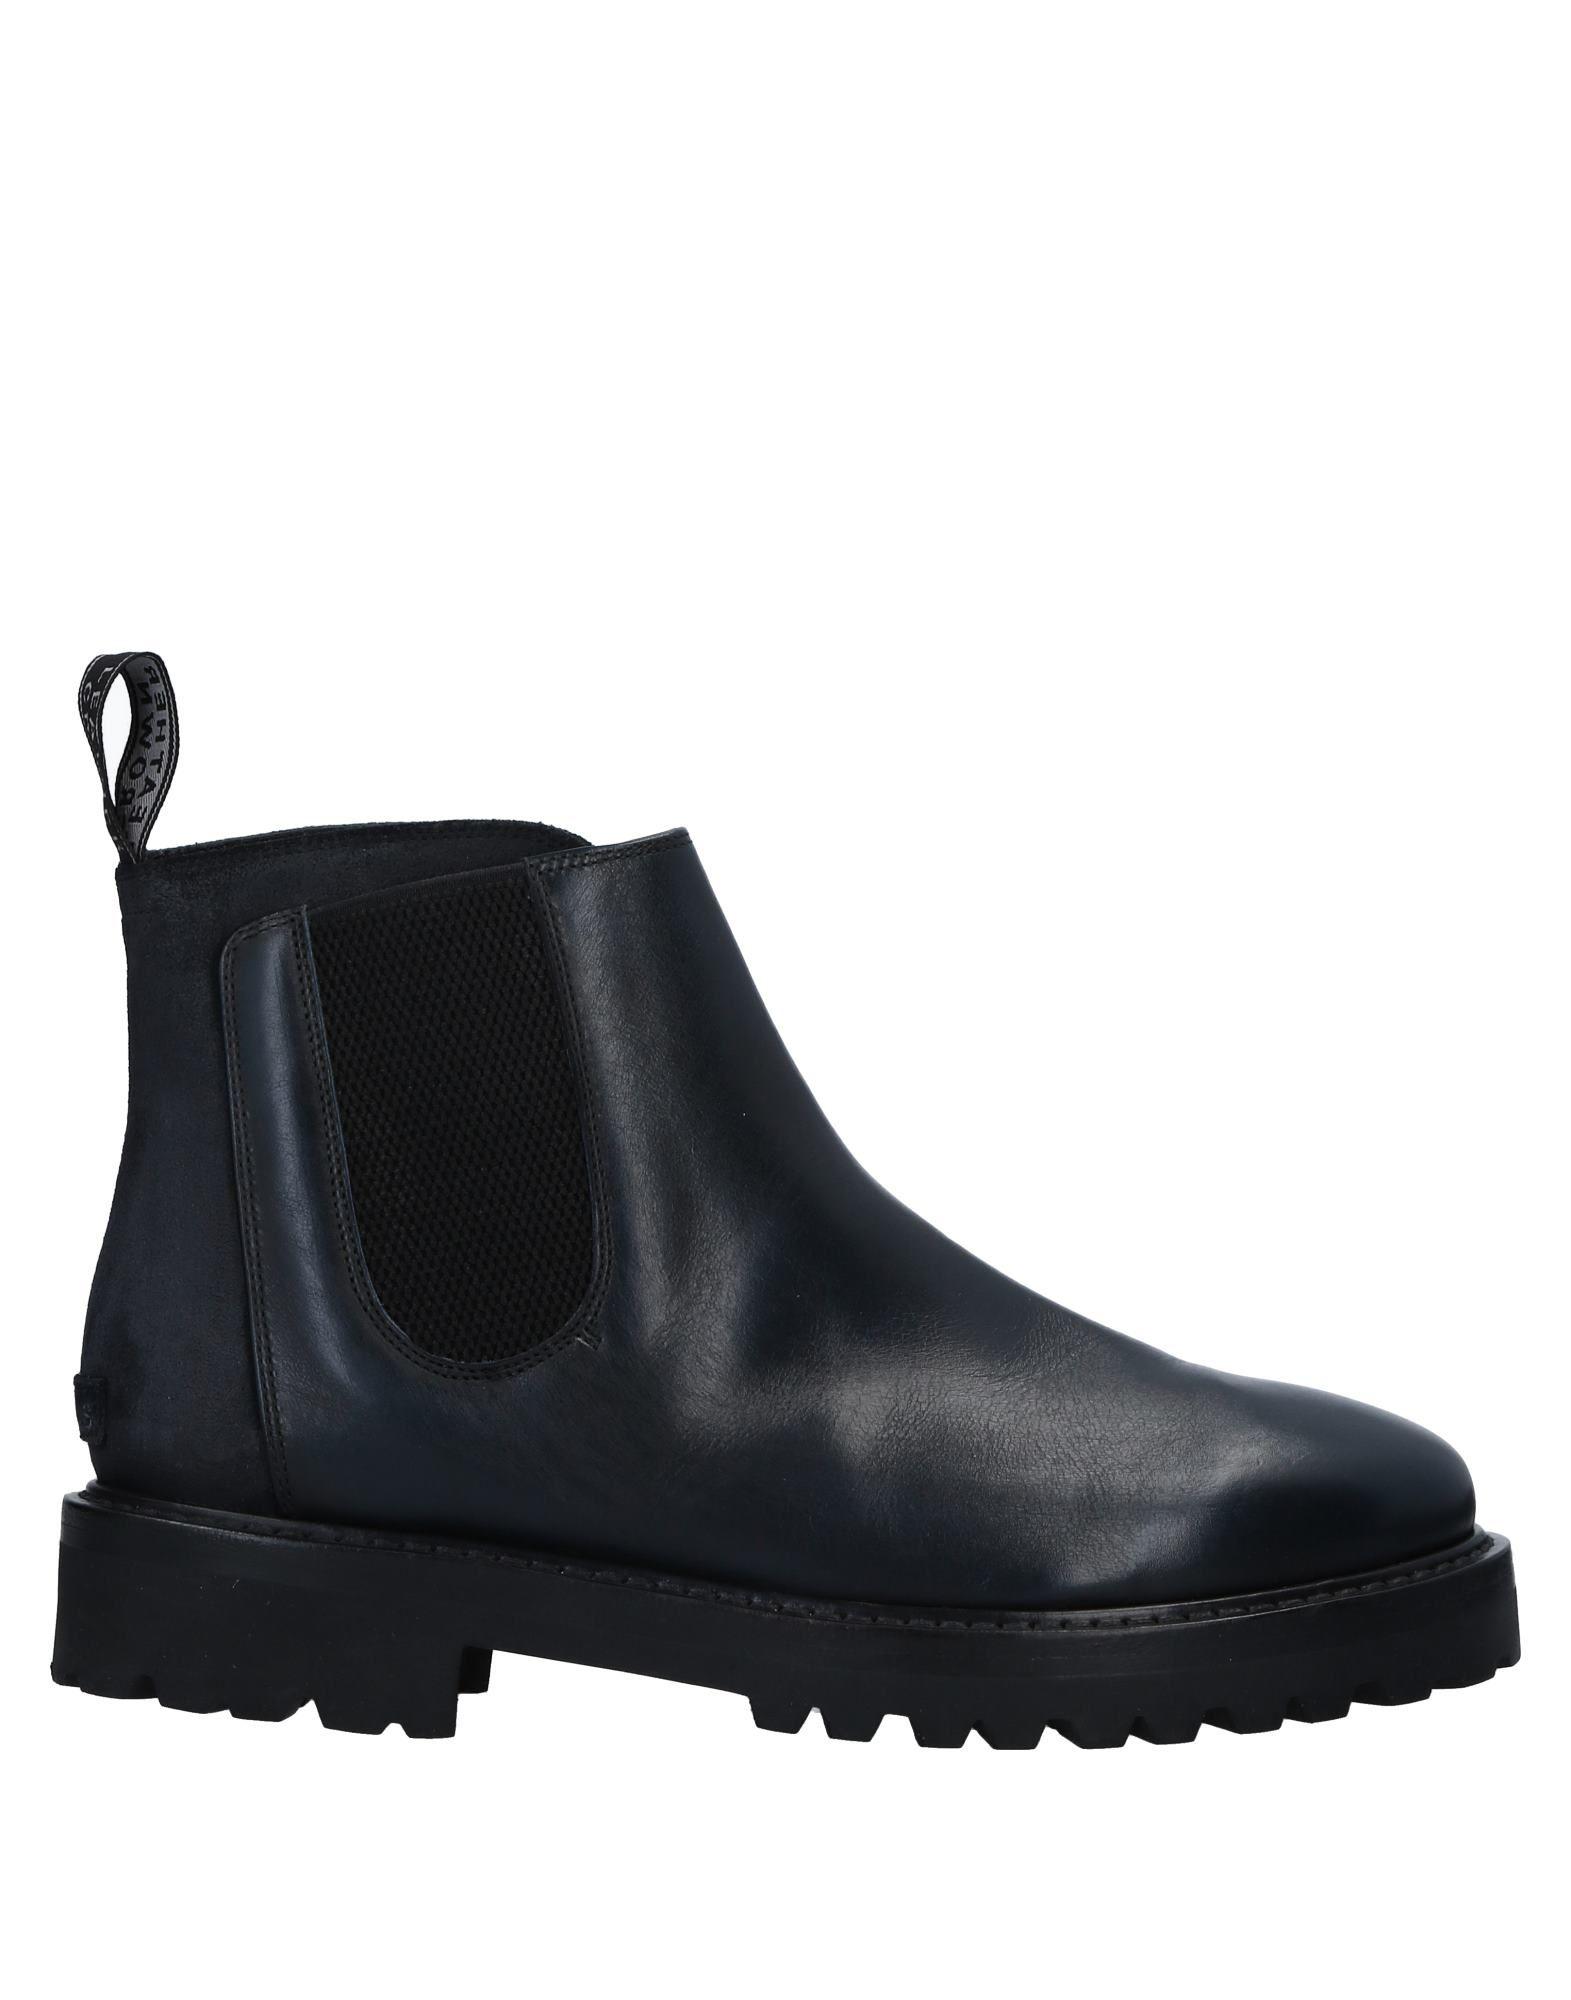 Leather Crown Stiefelette Herren  11532007DJ Gute Gute Gute Qualität beliebte Schuhe dc0a18